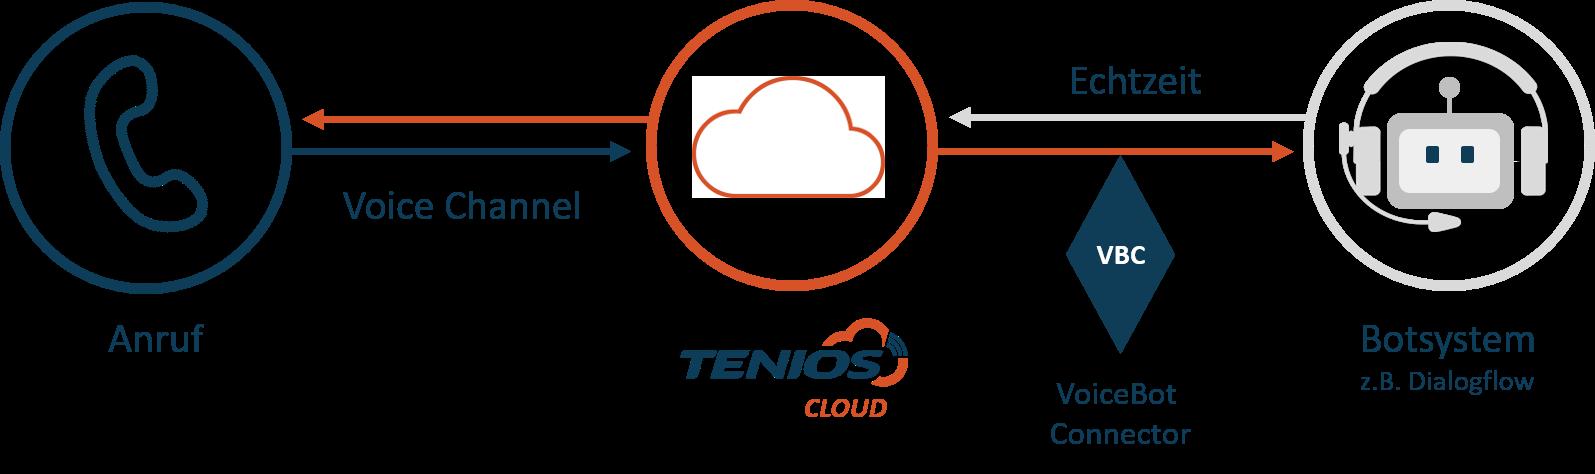 Modell des TENIOS VoiceBot Connectors